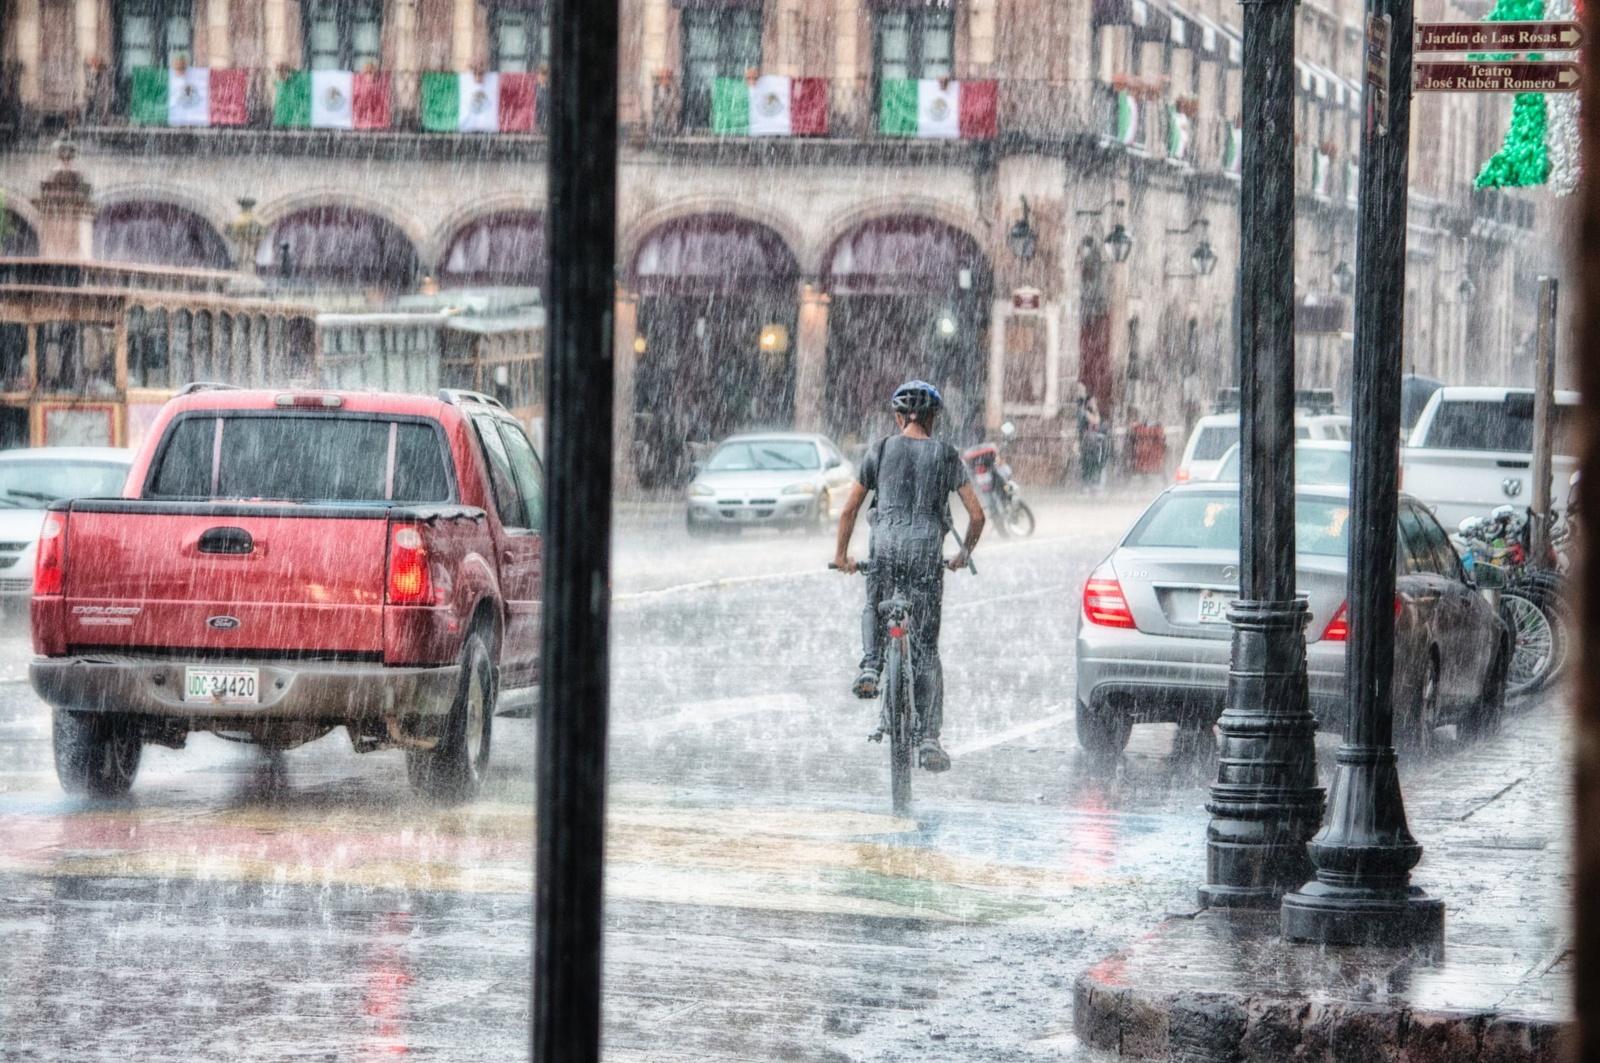 Kaip dėl klimato kaitos keičiasi potvyniai Europoje: kam gresia didžiausias pavojus?